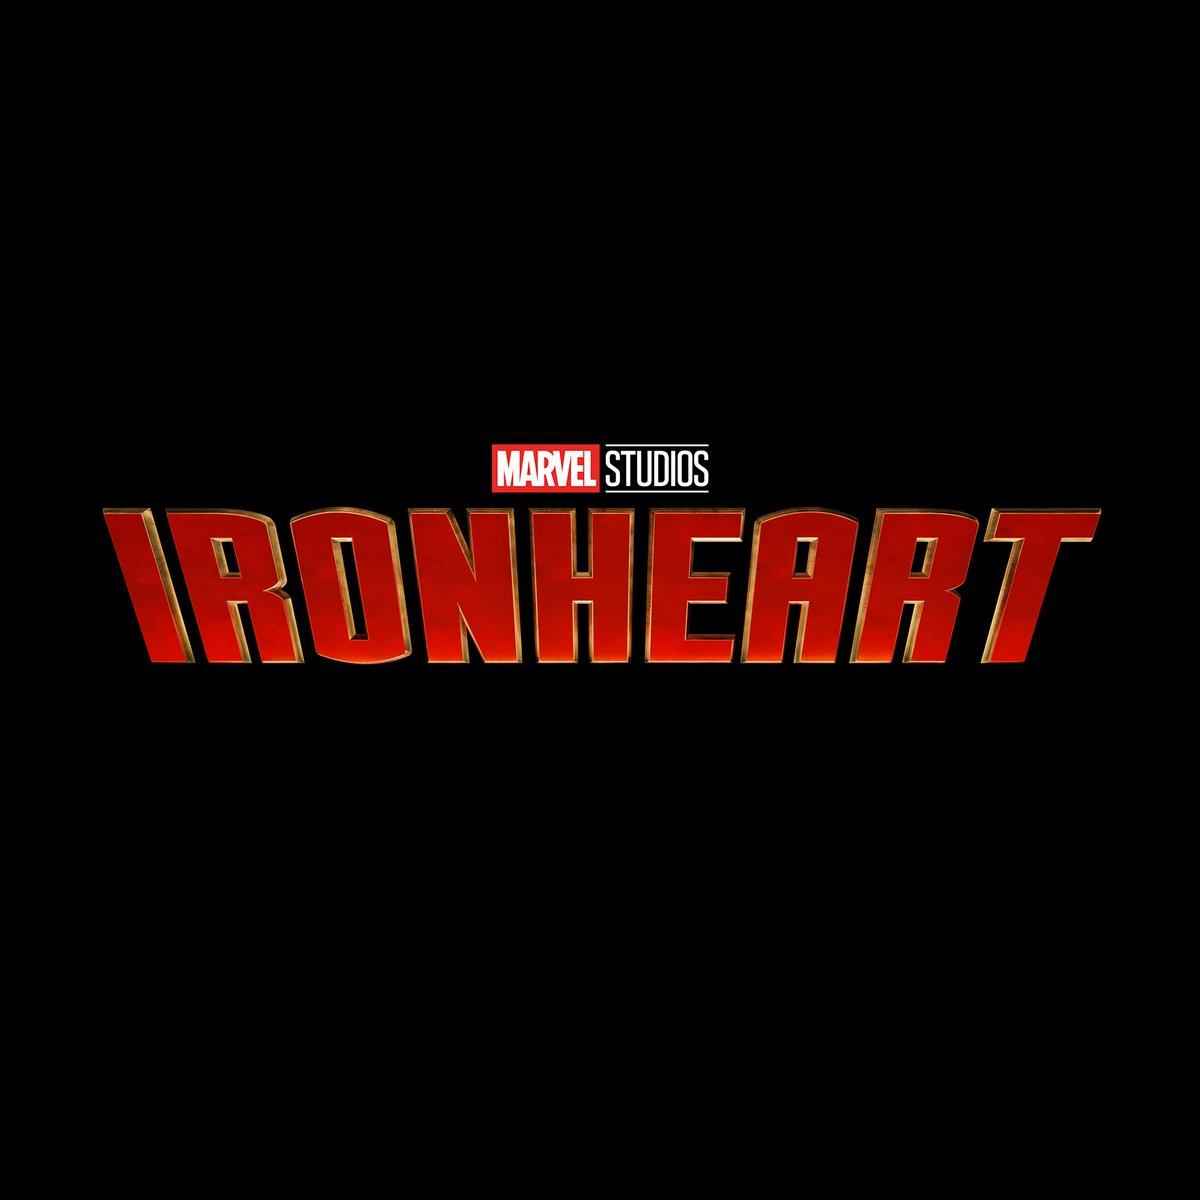 Ironheart, série original do Disney Plus